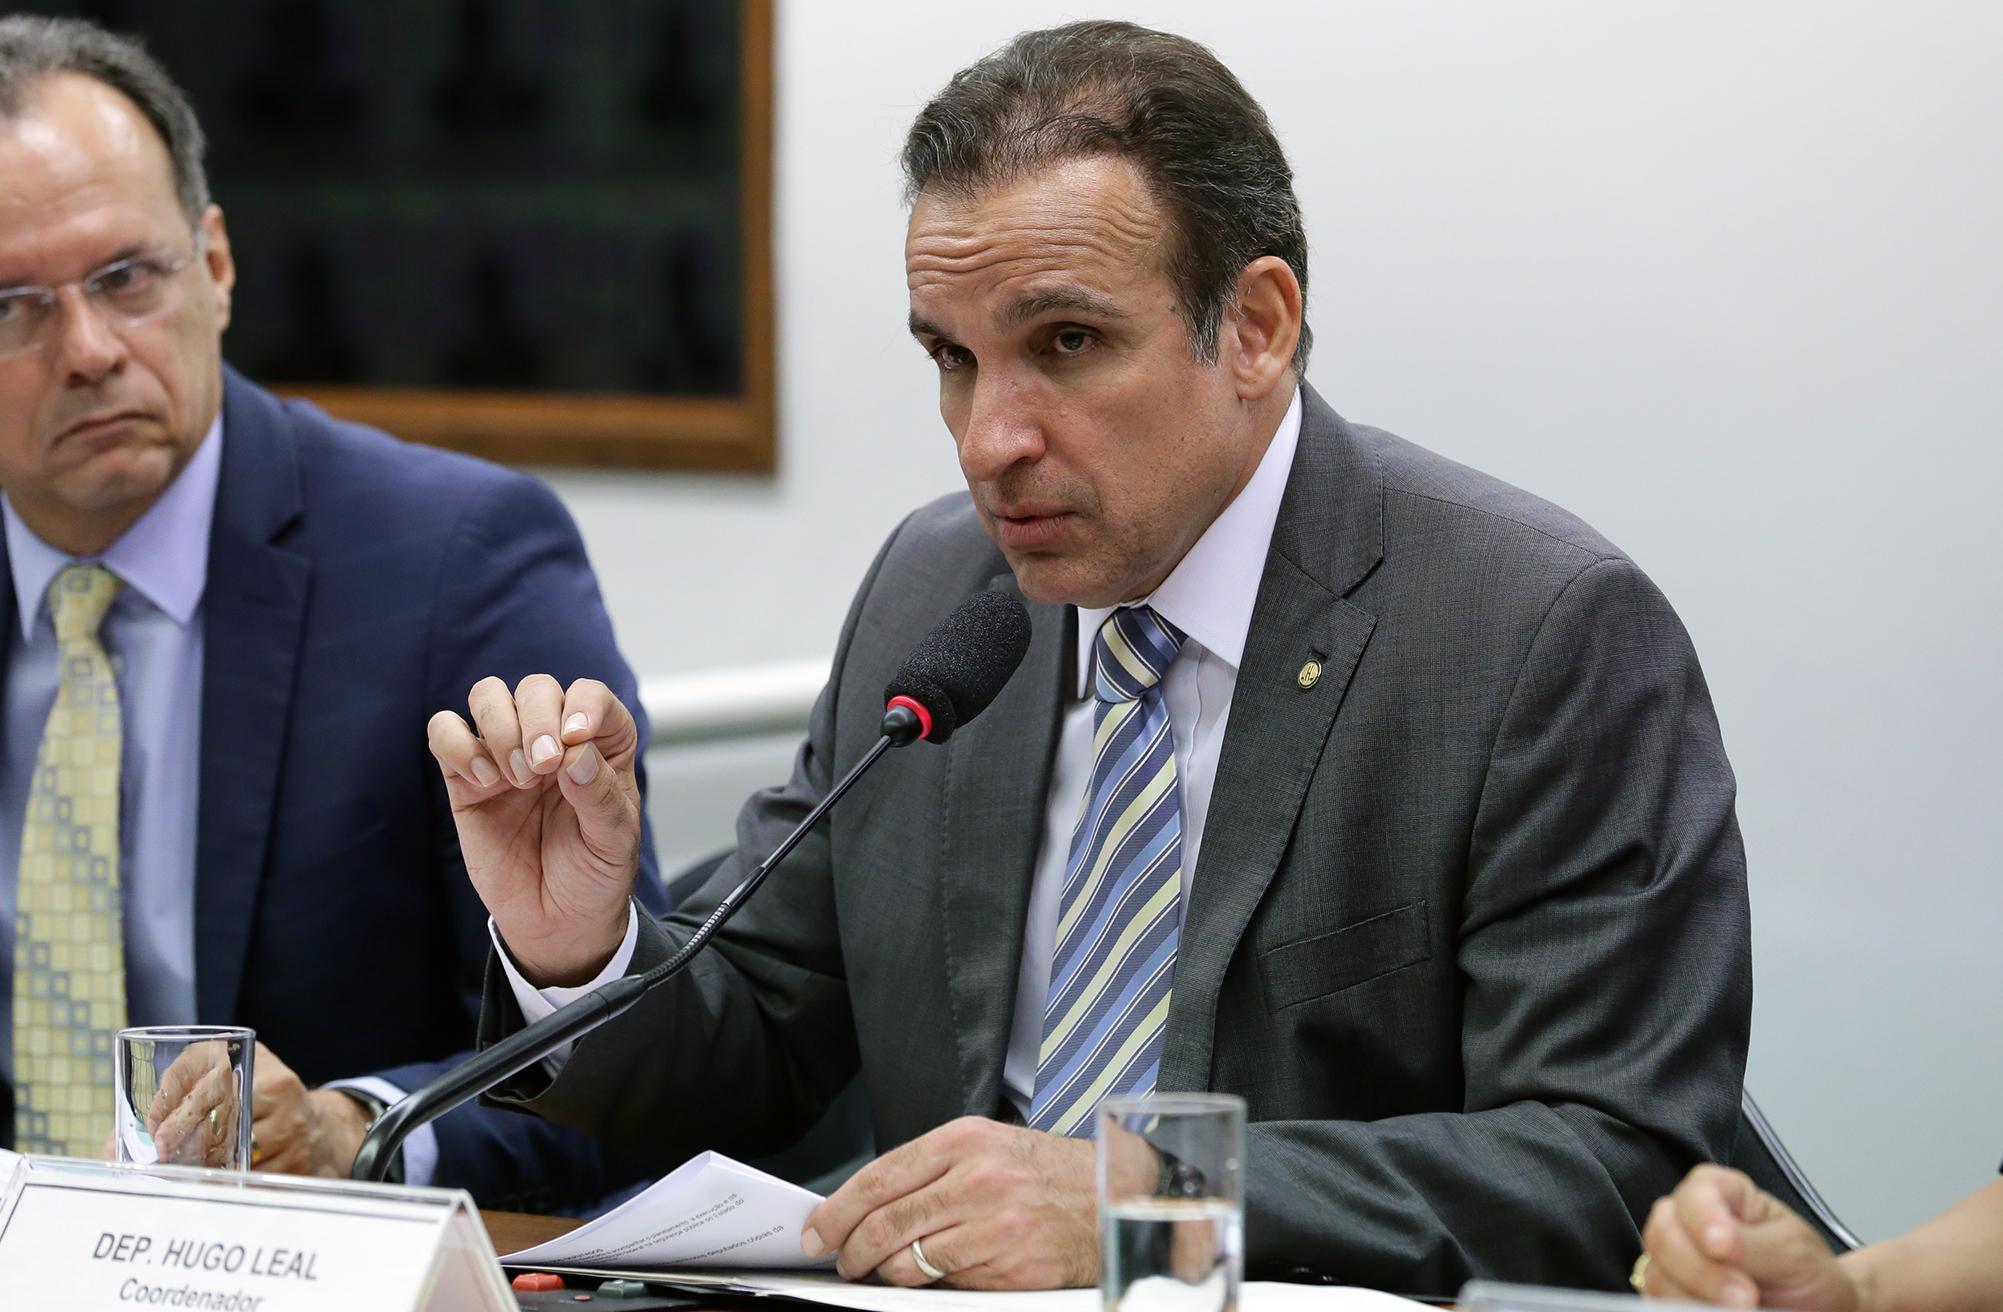 Audiência pública sobre o orçamento da segurança pública no Estado do Rio de Janeiro. Dep. Hugo Leal (PSB - RJ)